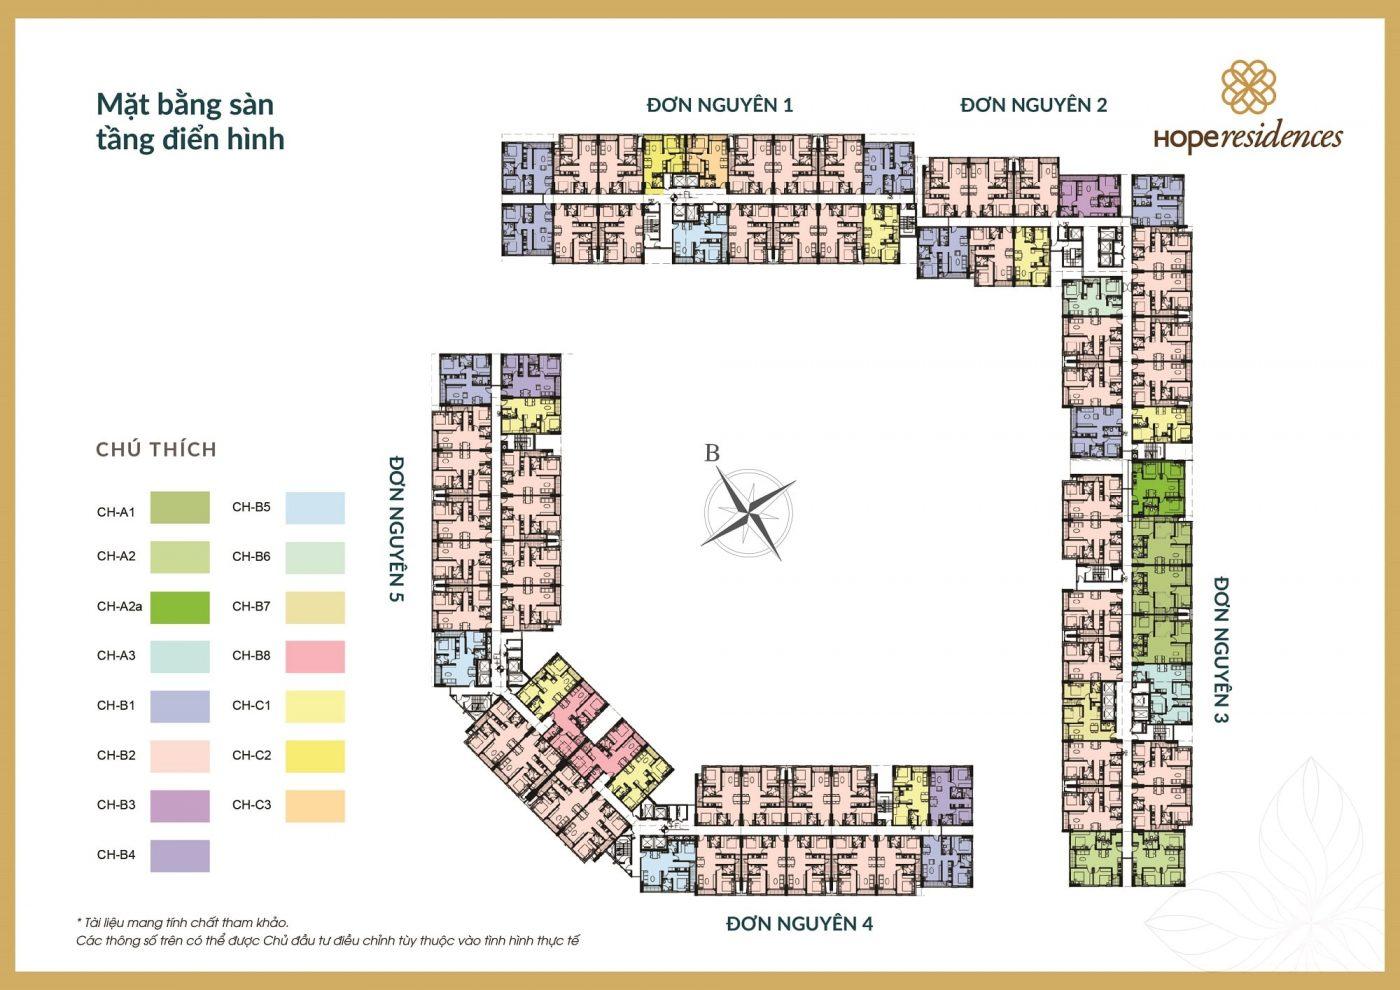 mat bang tong the hope residences